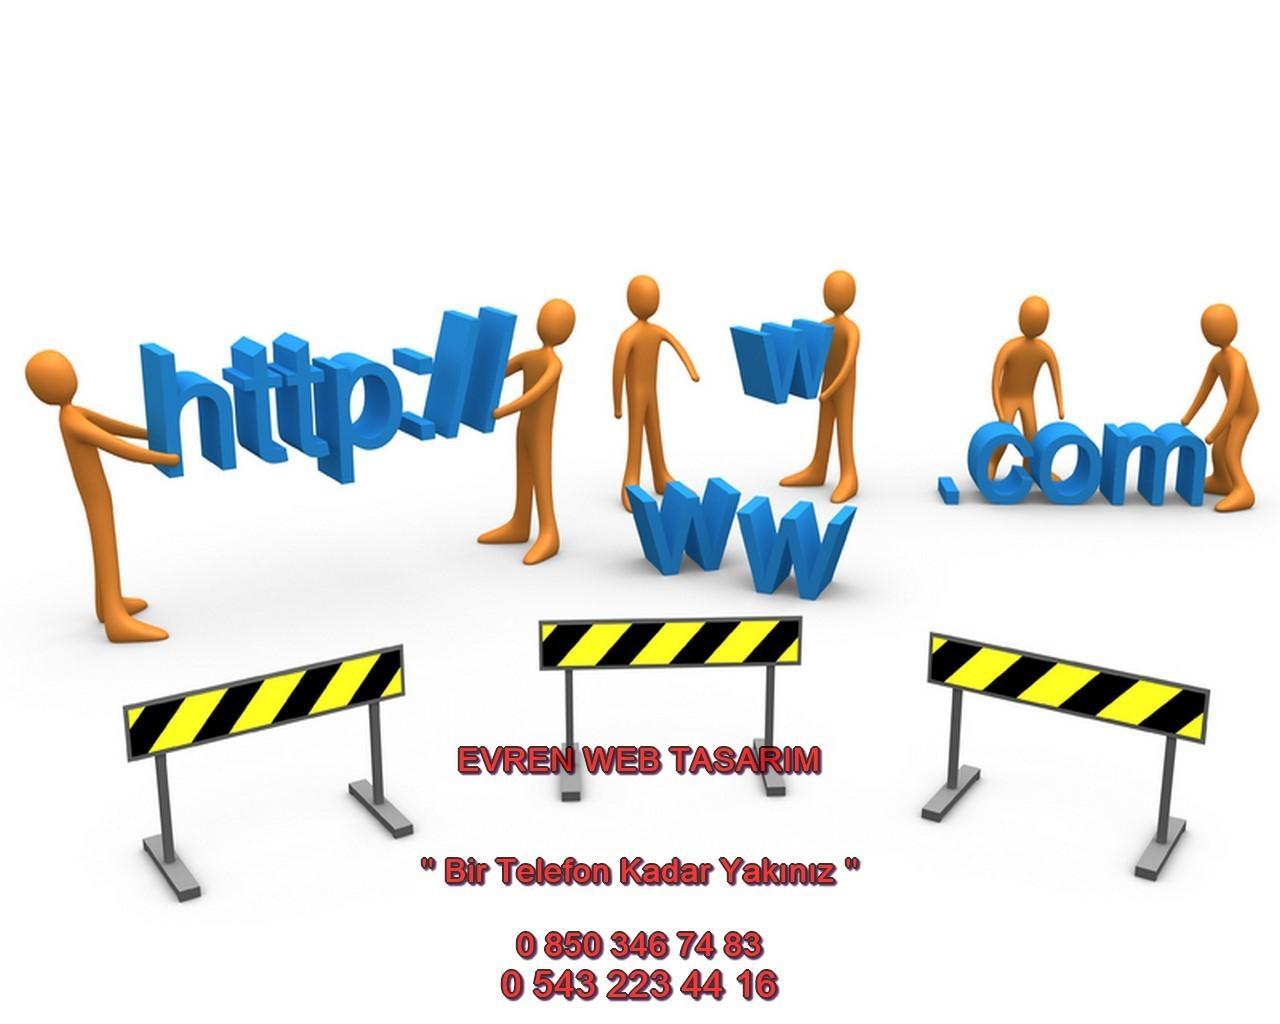 Evren Web Tasarım